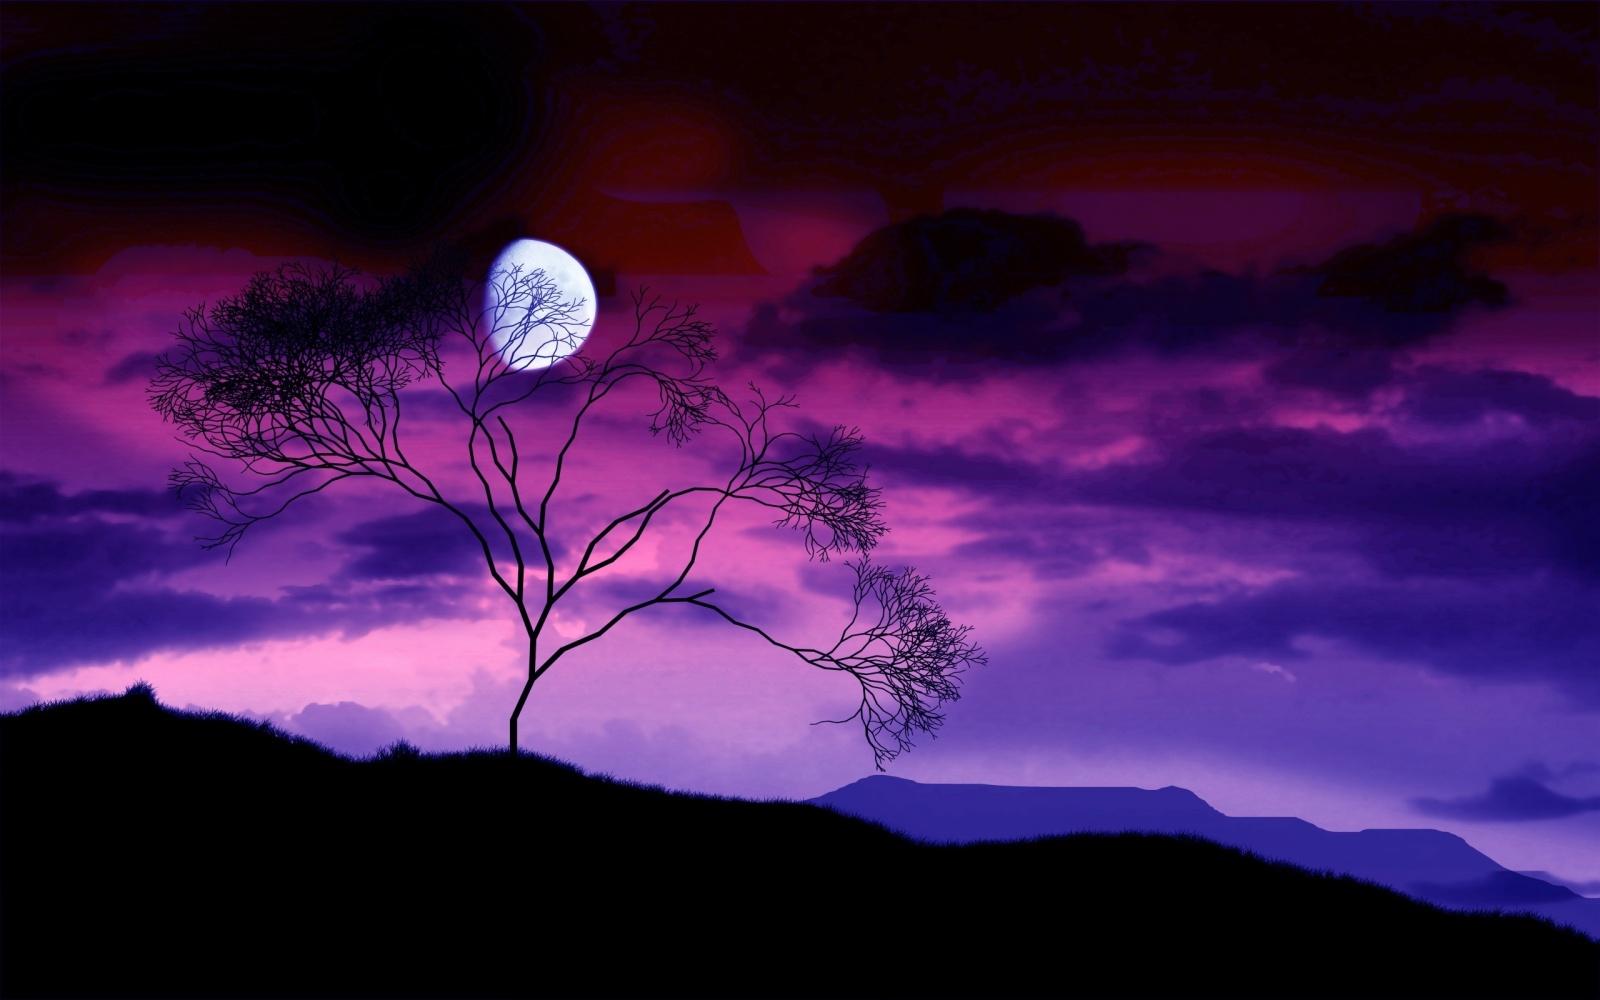 http://1.bp.blogspot.com/-Cg_ZeU9gMdU/T7uDTcq3iMI/AAAAAAAAAfI/fGGEkz4HXCE/s1600/1285876981_43_HD_Nature_Wallpapers.jpg